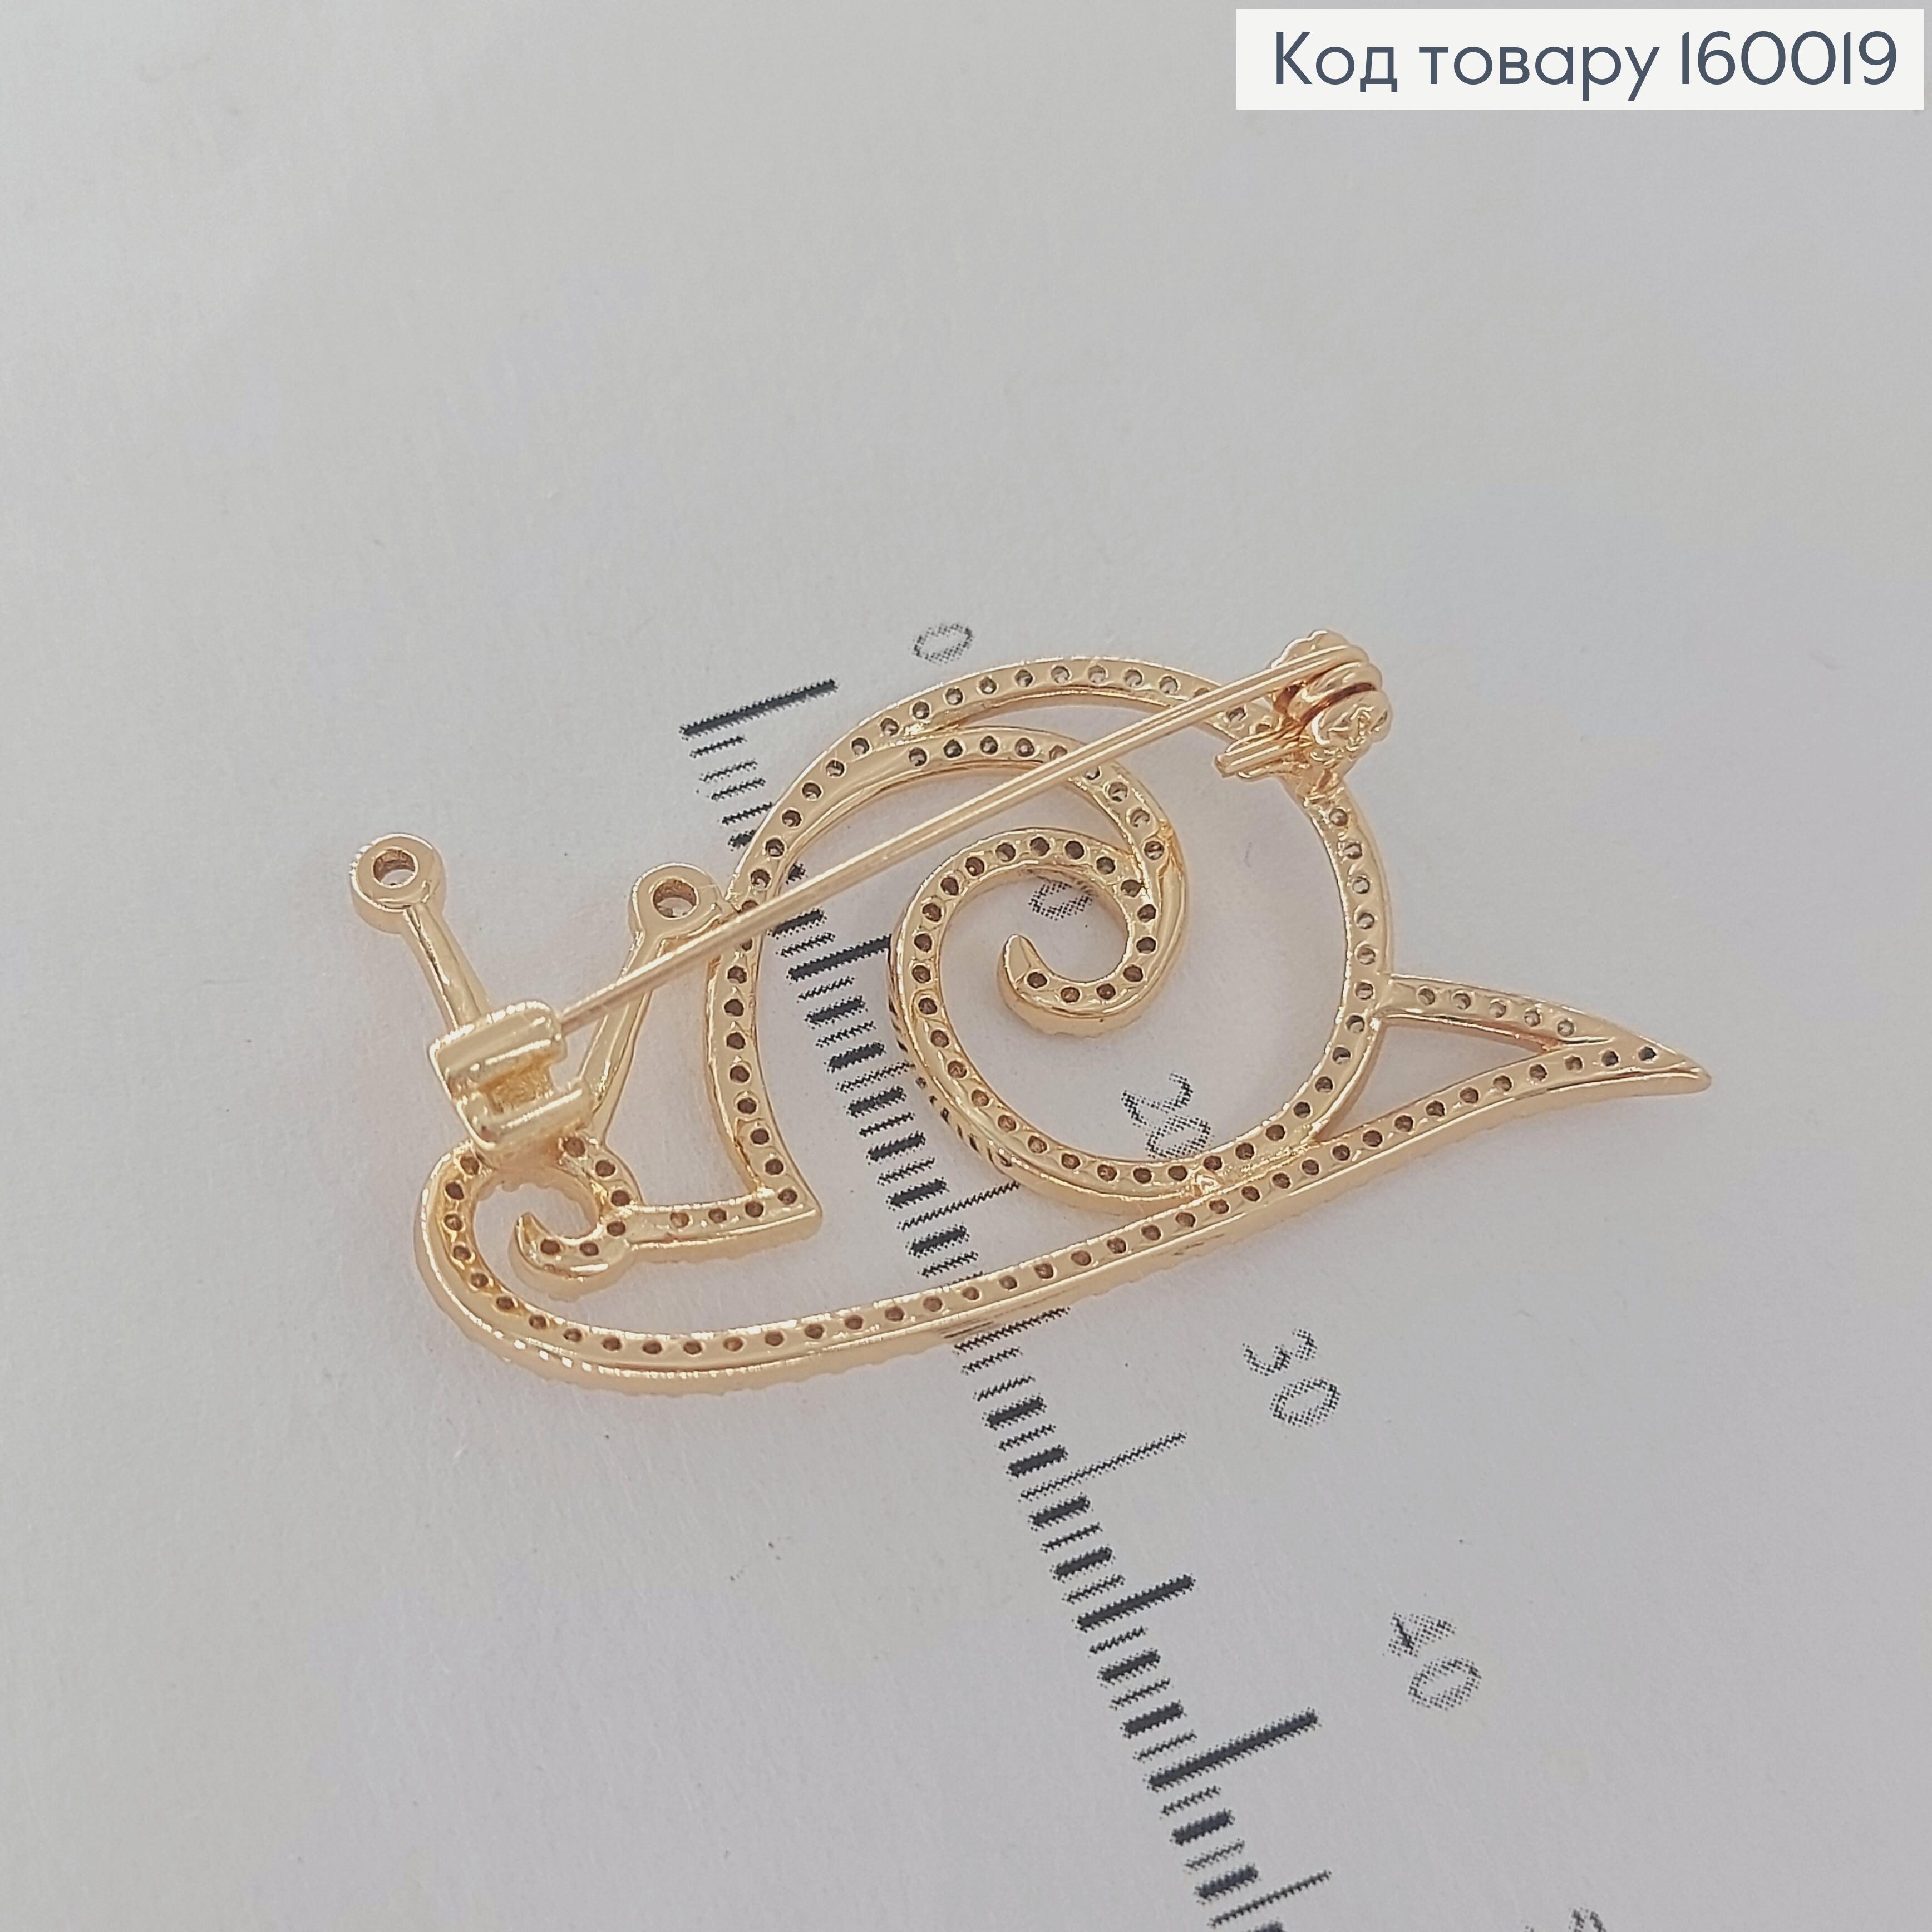 Брошка Равлик   з камніцями медичне золото 18К  Xuping 160019 фото 2